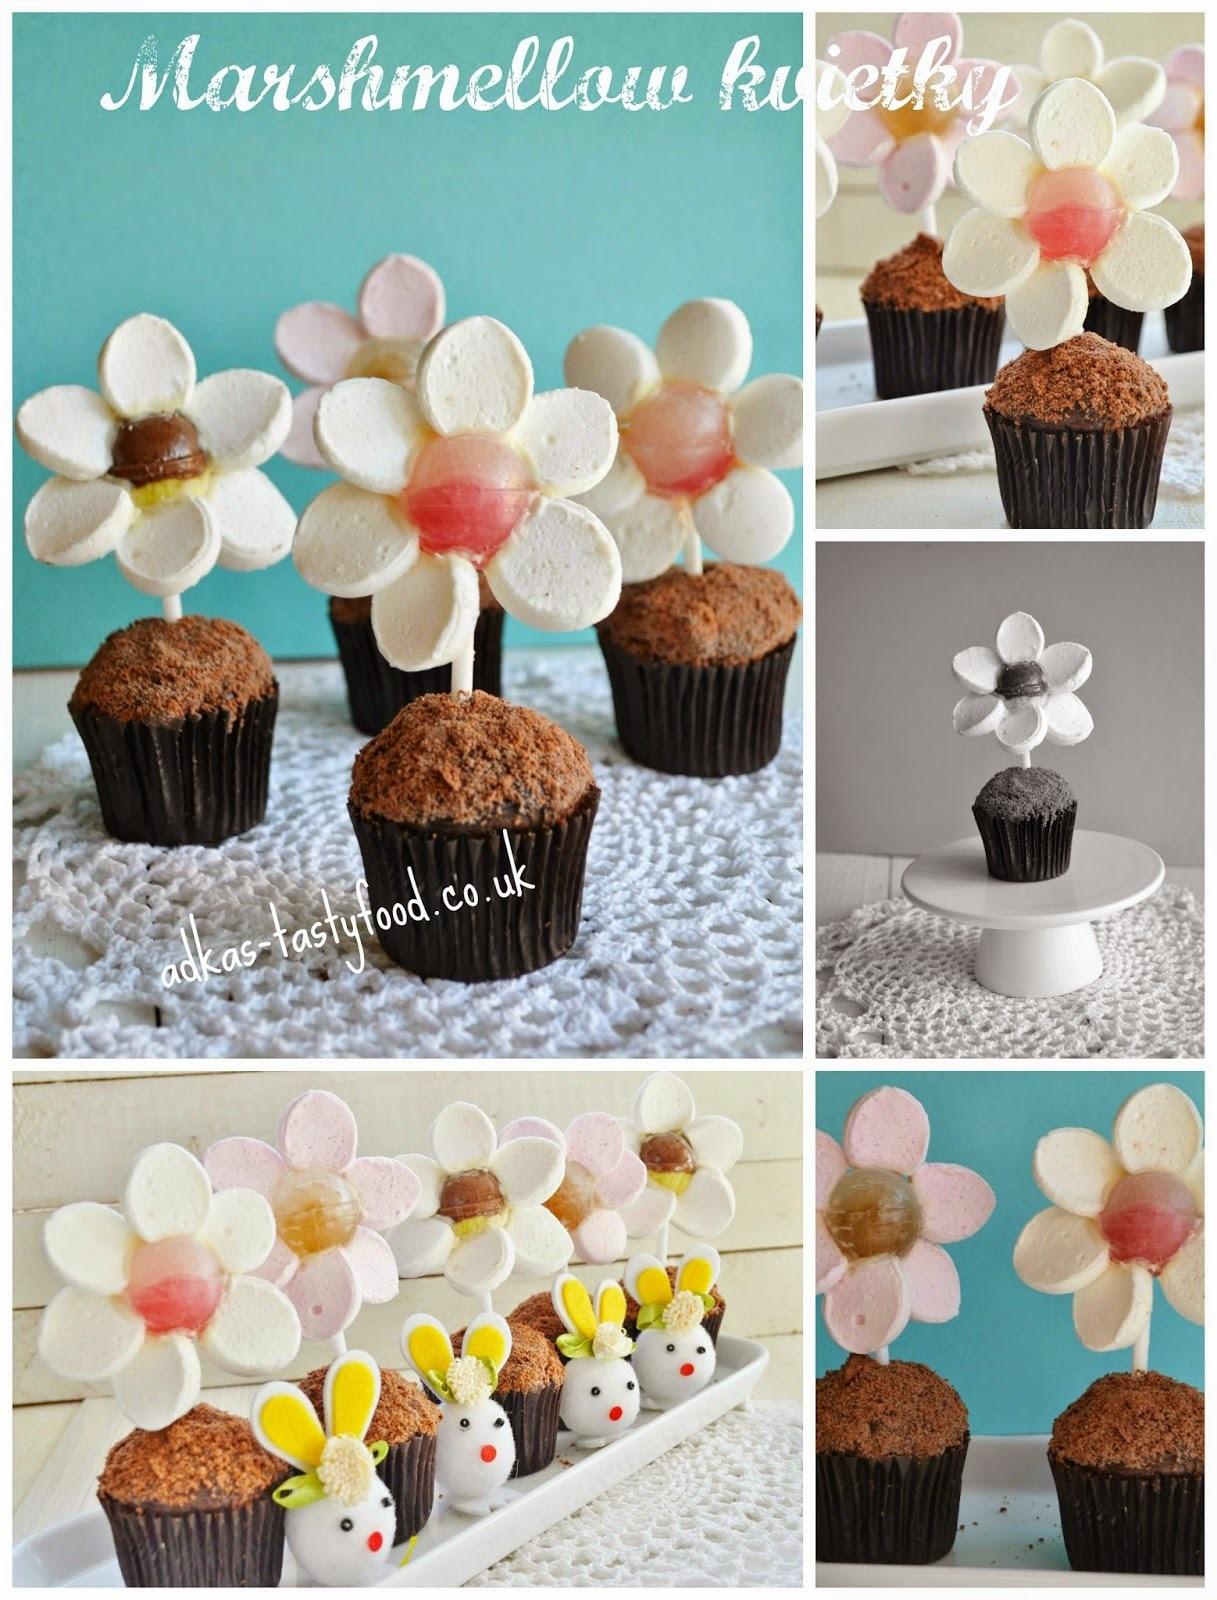 Veľkonočné  variácie - Marshmallow kvietky